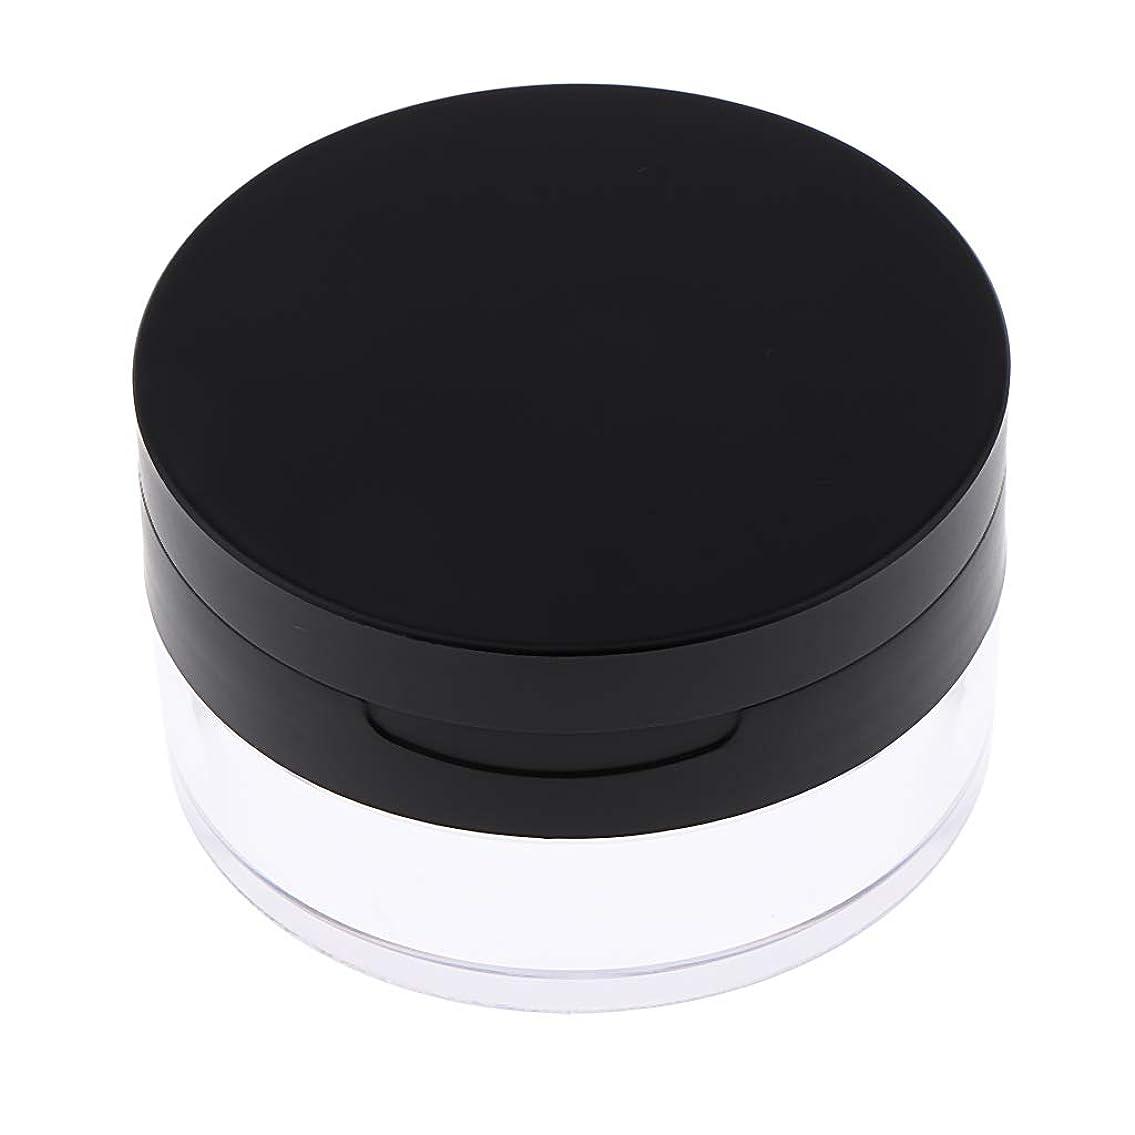 衰える生産的ピークP Prettyia パウダーケース ミラー パフ付 20g 詰替え 携帯用 2色選べ - ブラック